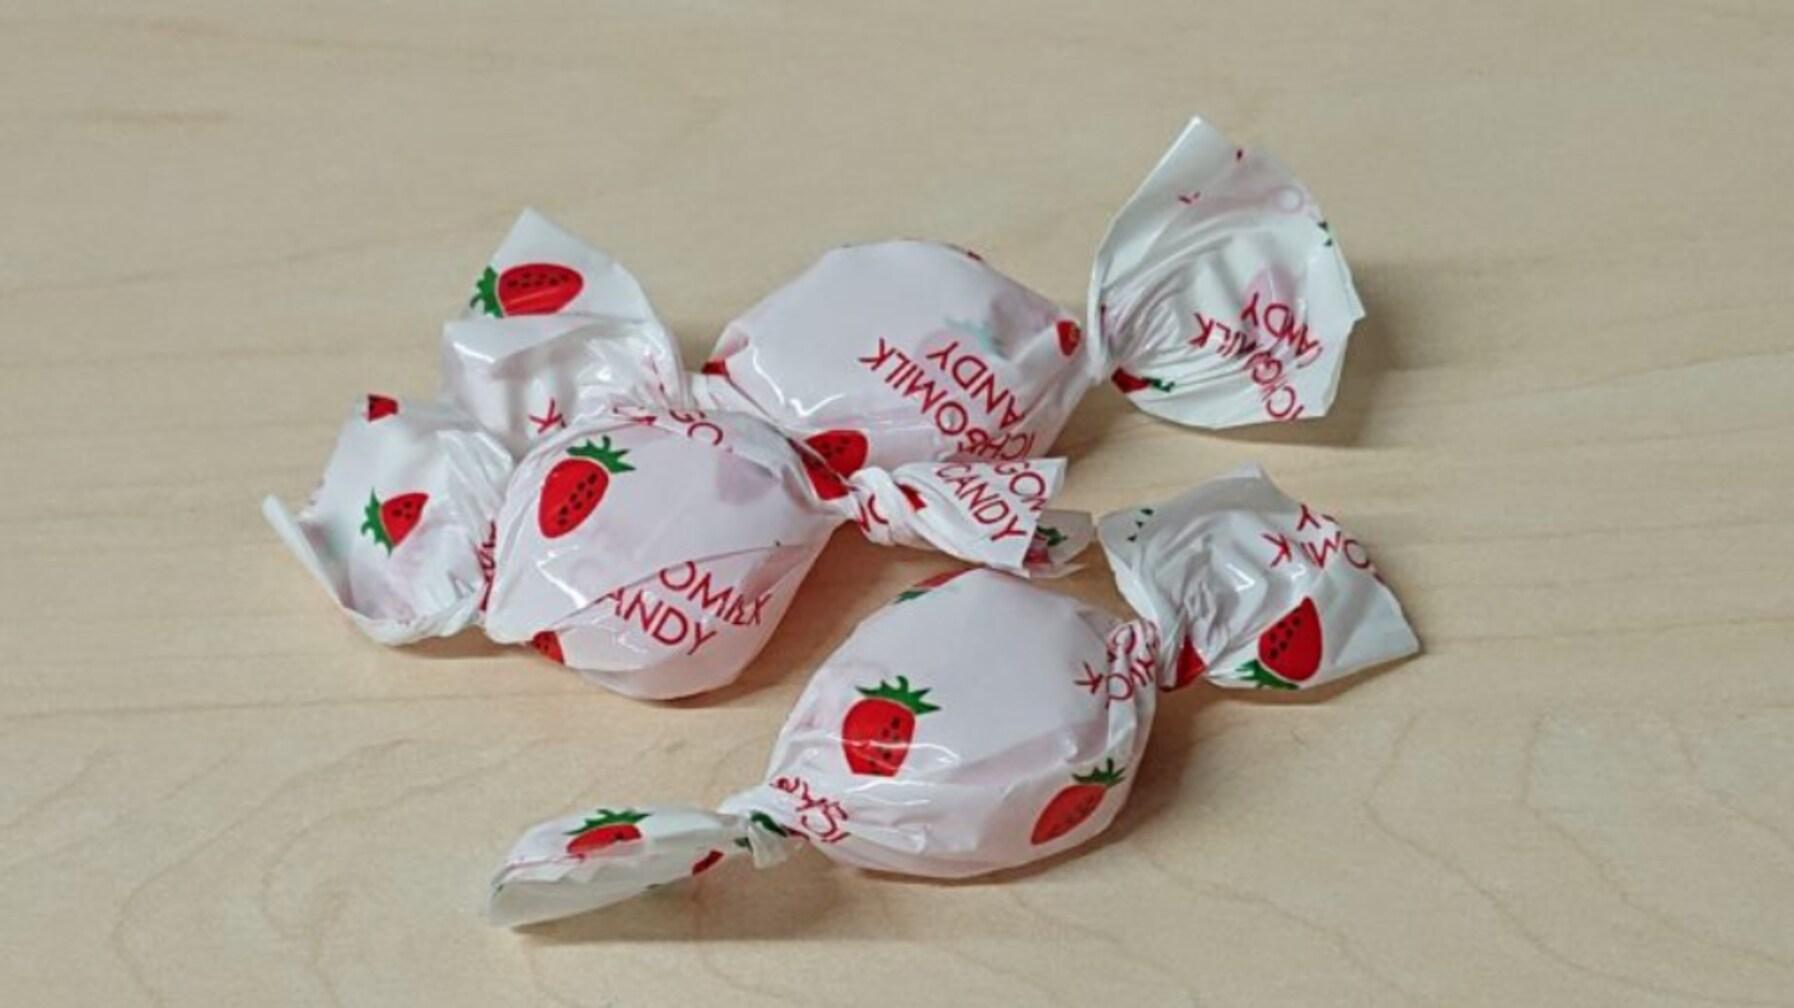 【悲報】いちごミルクキャンディでおなじみのアメハマ製菓、111年の歴史に幕  販売終了に悲しみの声